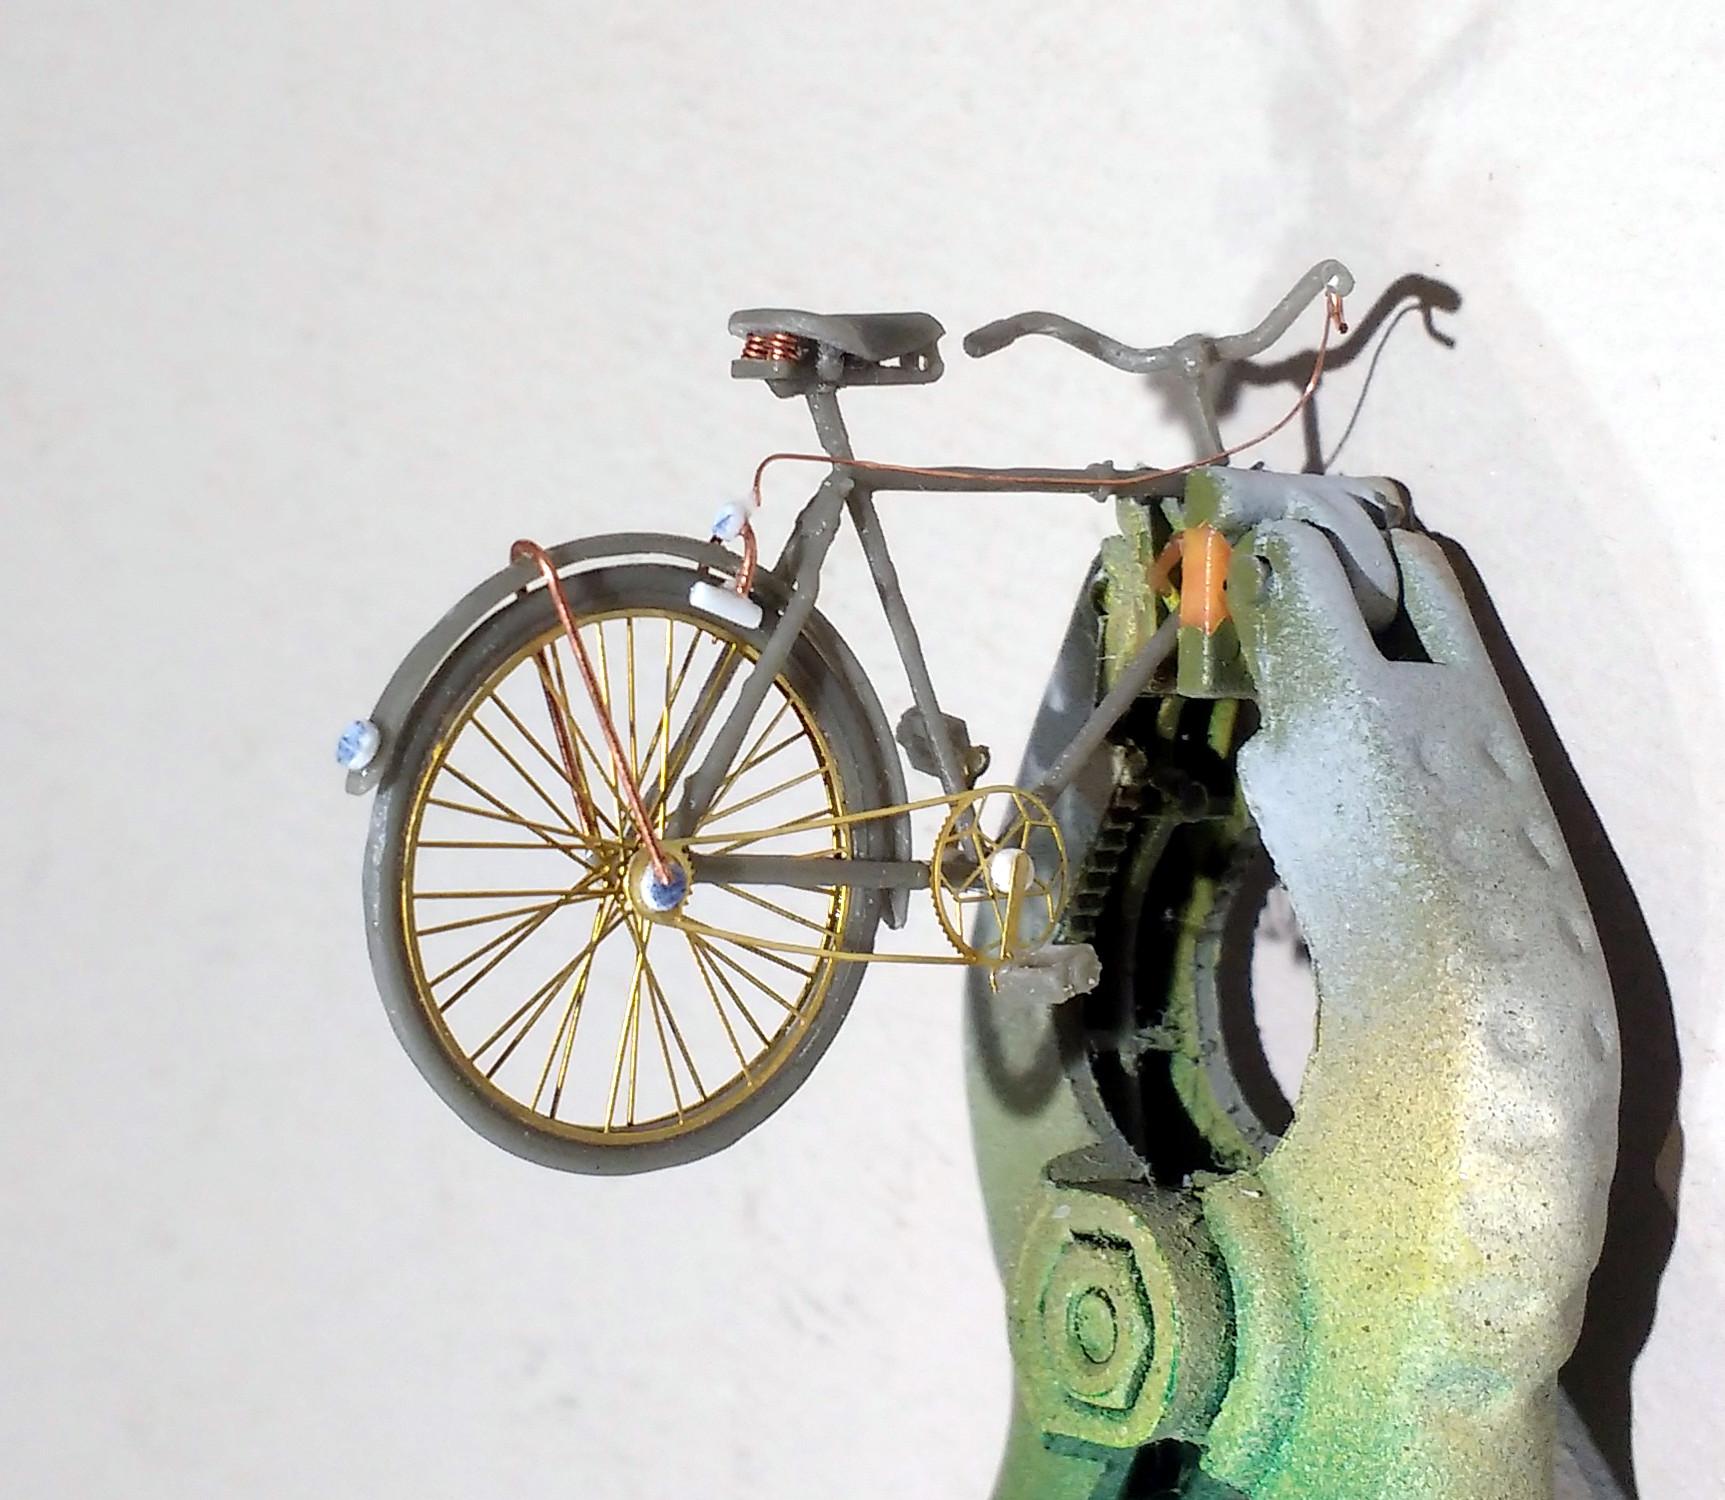 Bicyclette (Blitz ref 35-4043 1/35) KVEbJb-Velo04